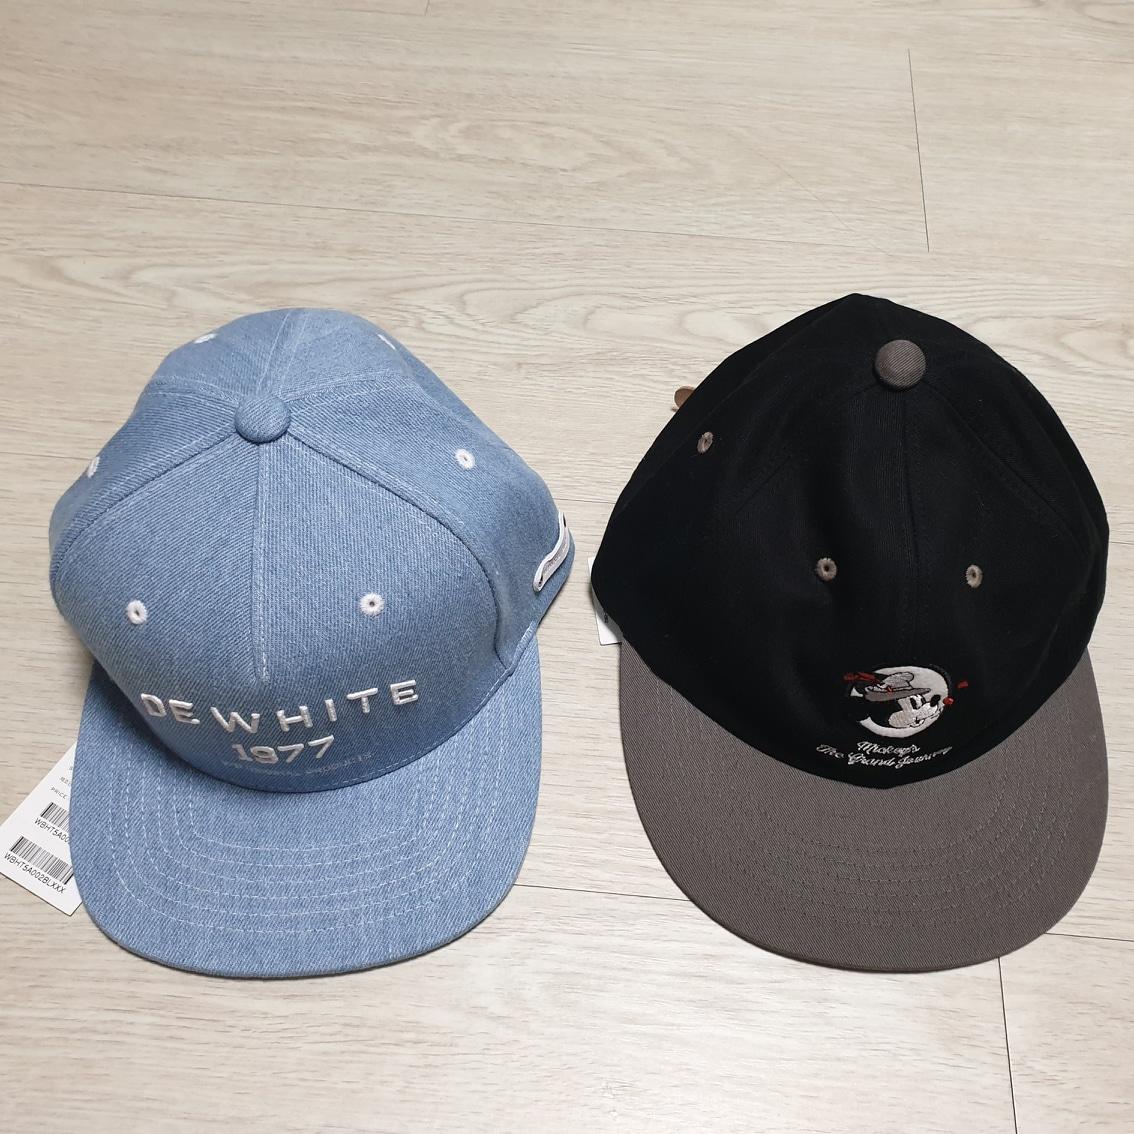 화이트블랭크 모자 2개 새상품 - 무료택배